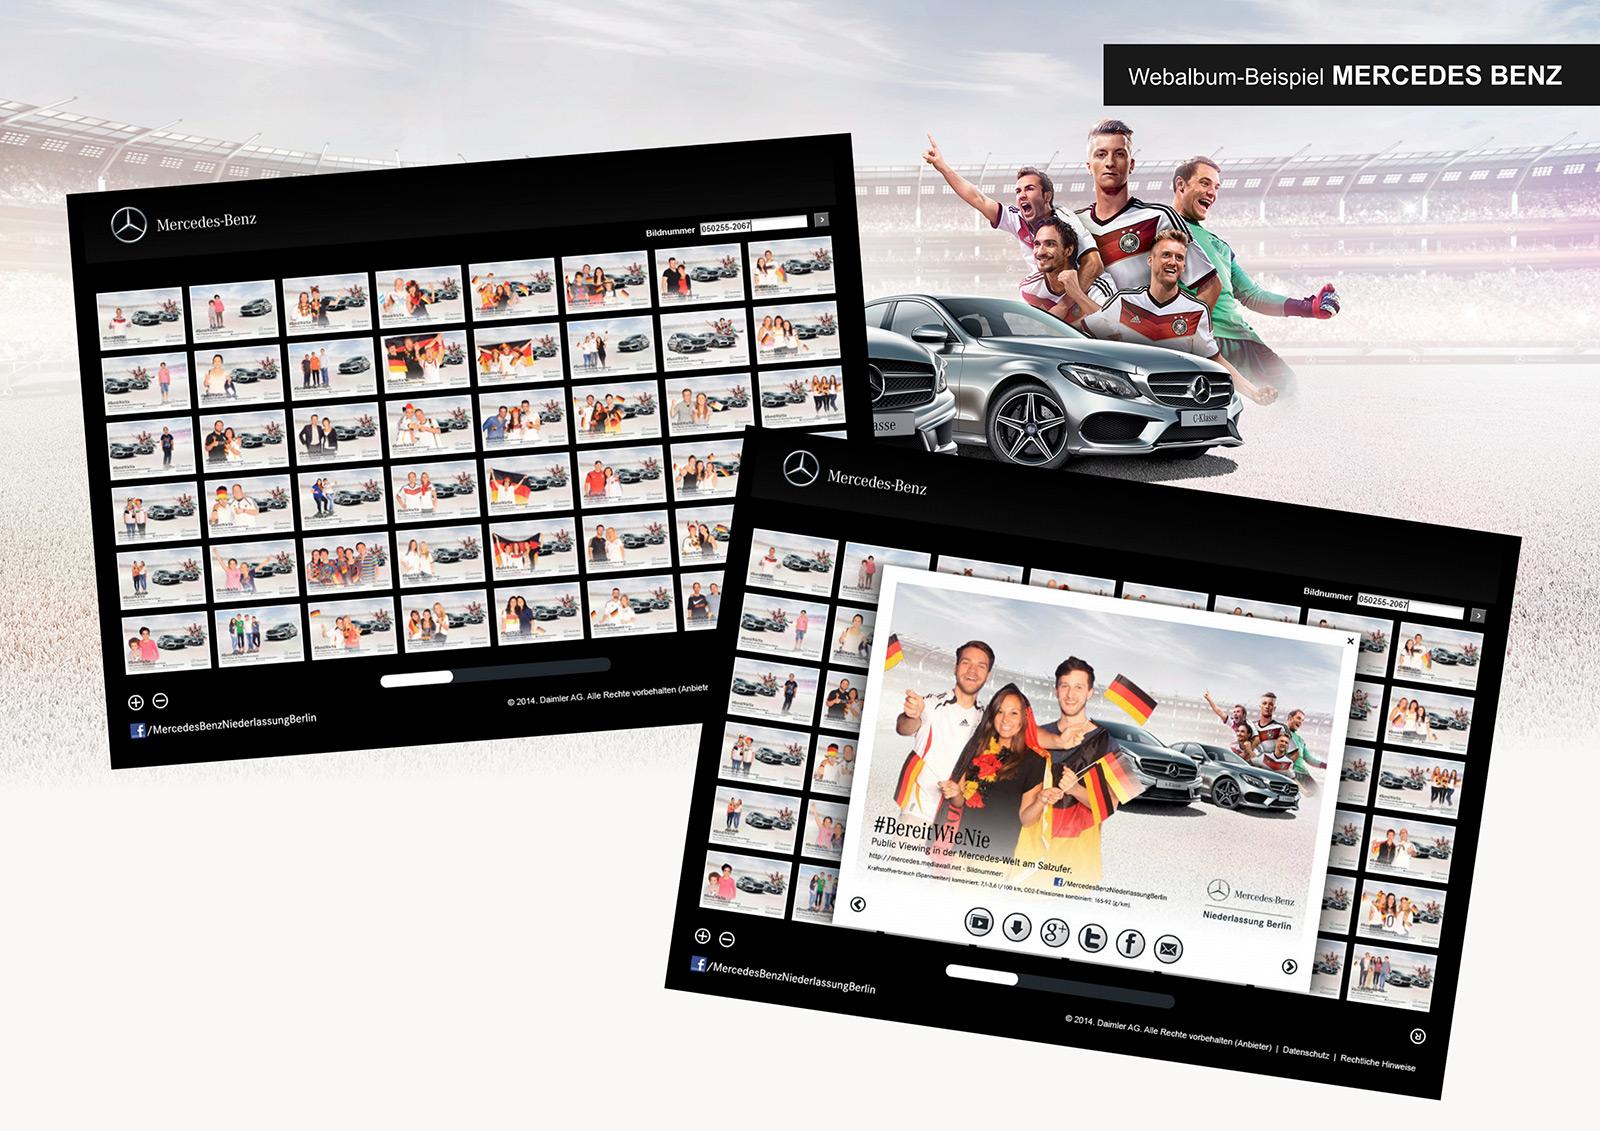 Webalbum Mercedes-Benz Social Media Fotobox